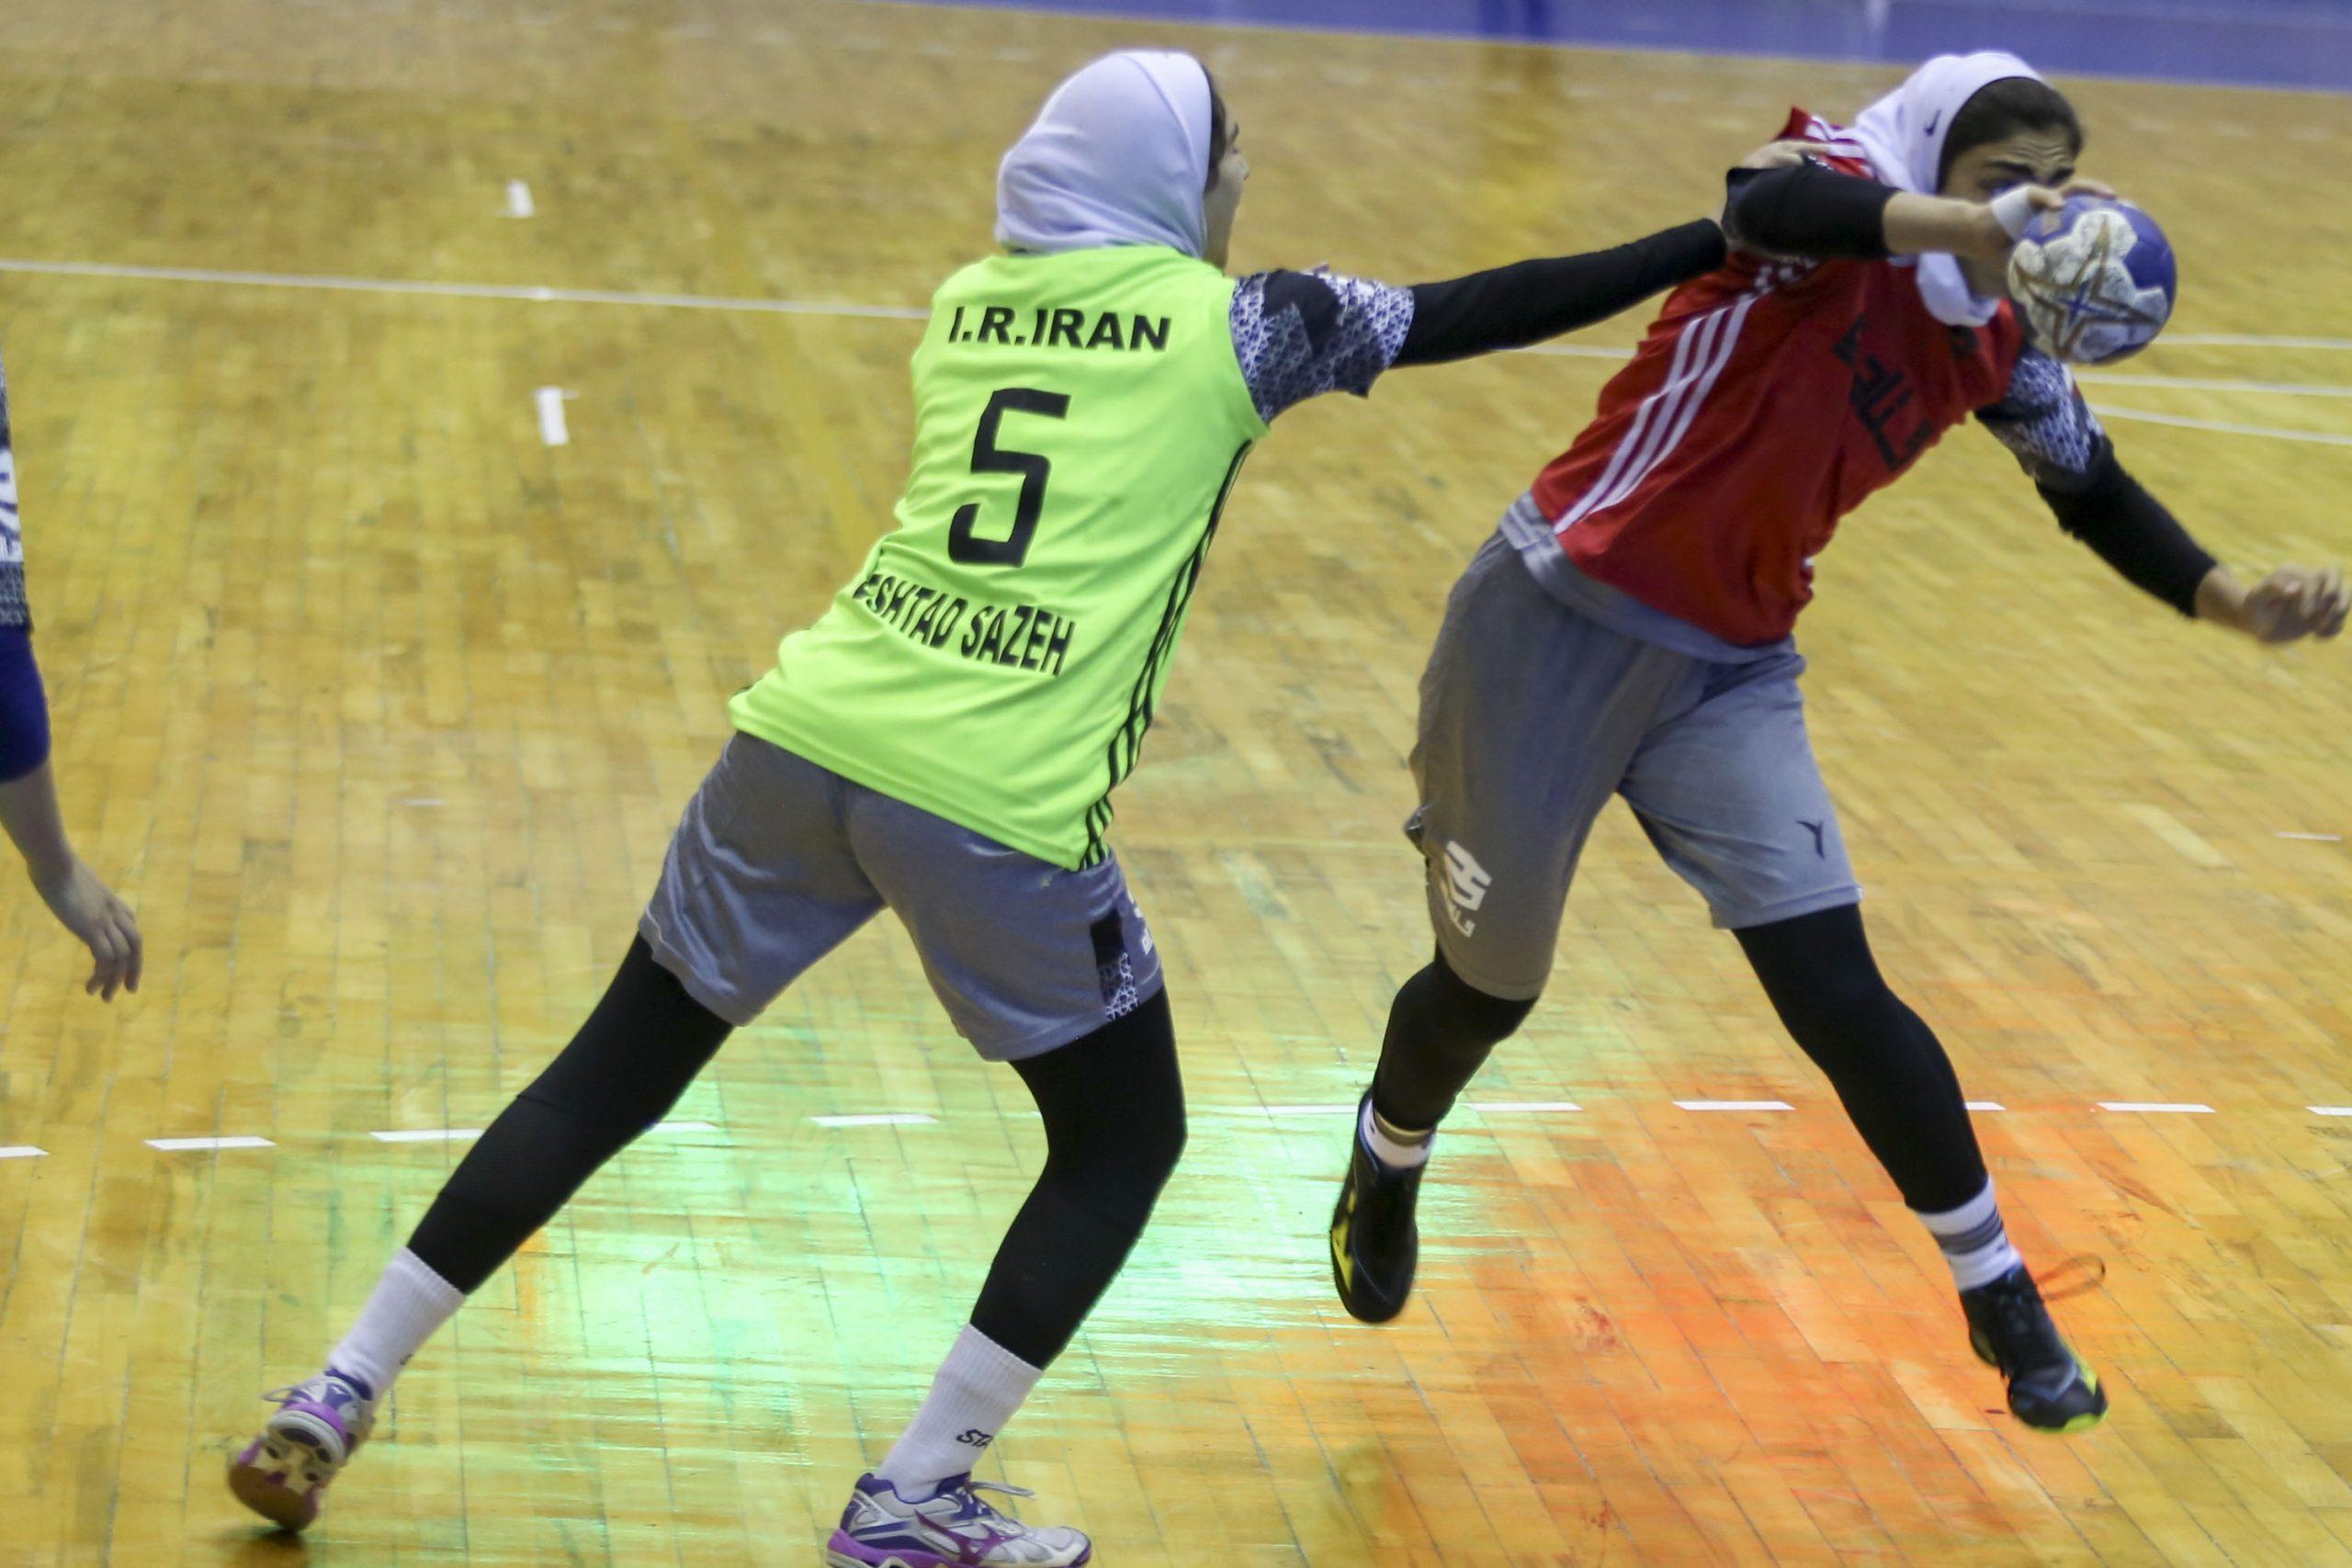 Frauenhandball, Iran, Asienmeisterschaften 2021 Jordanien, Handball-Weltmeisterschaft der Frauen, Iran Frauensport, Handball, Nationalmannschaft